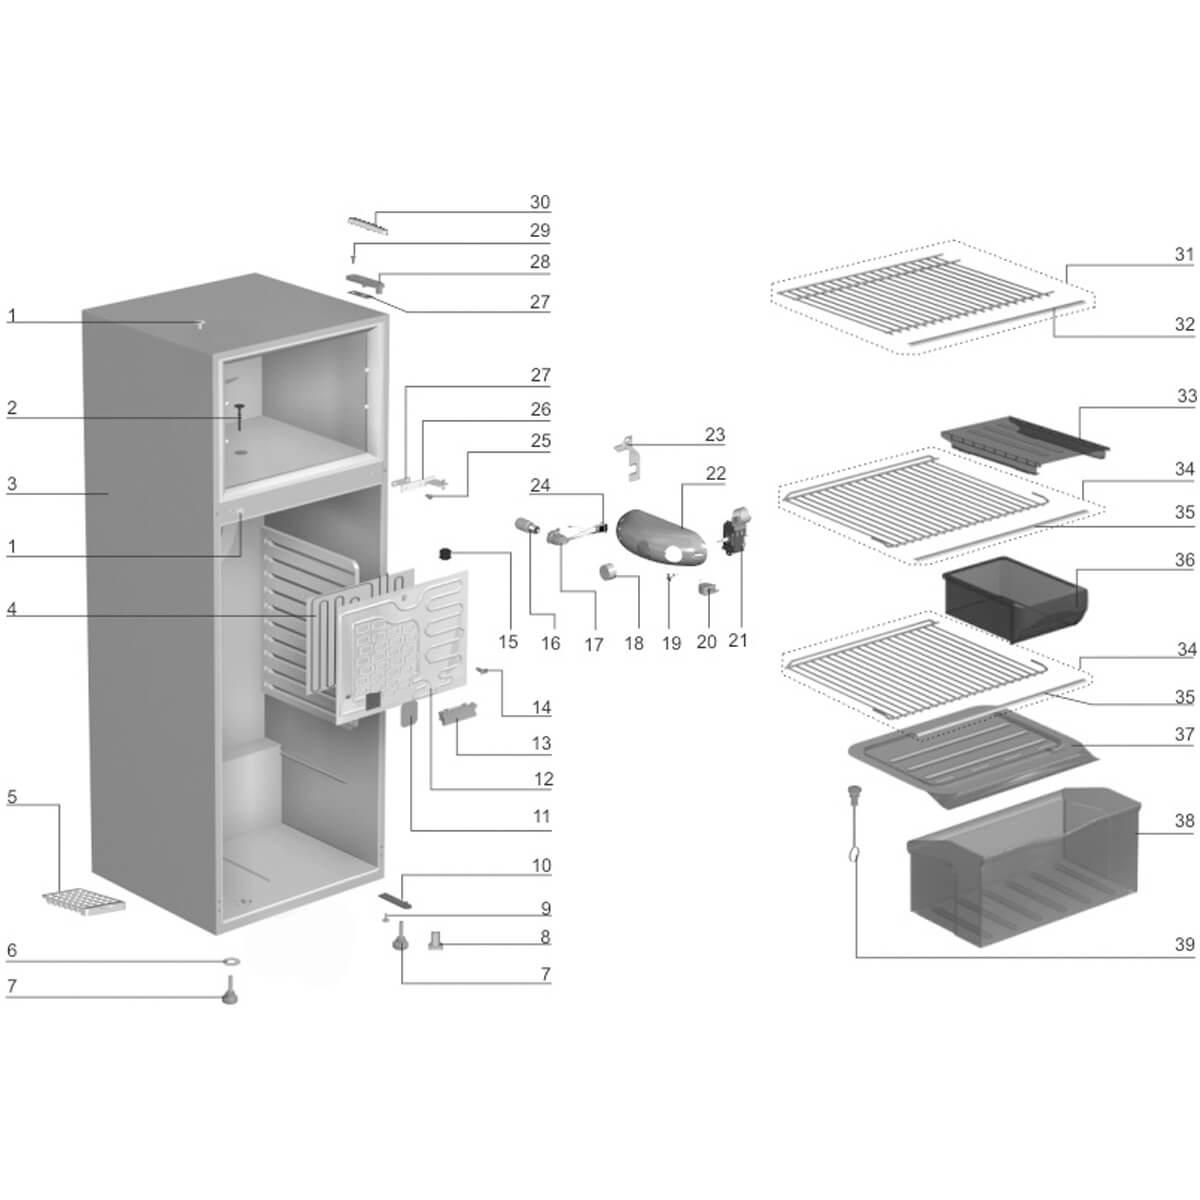 Prateleira Do Freezer Com Friso Refrigerador Electrolux - 60200360